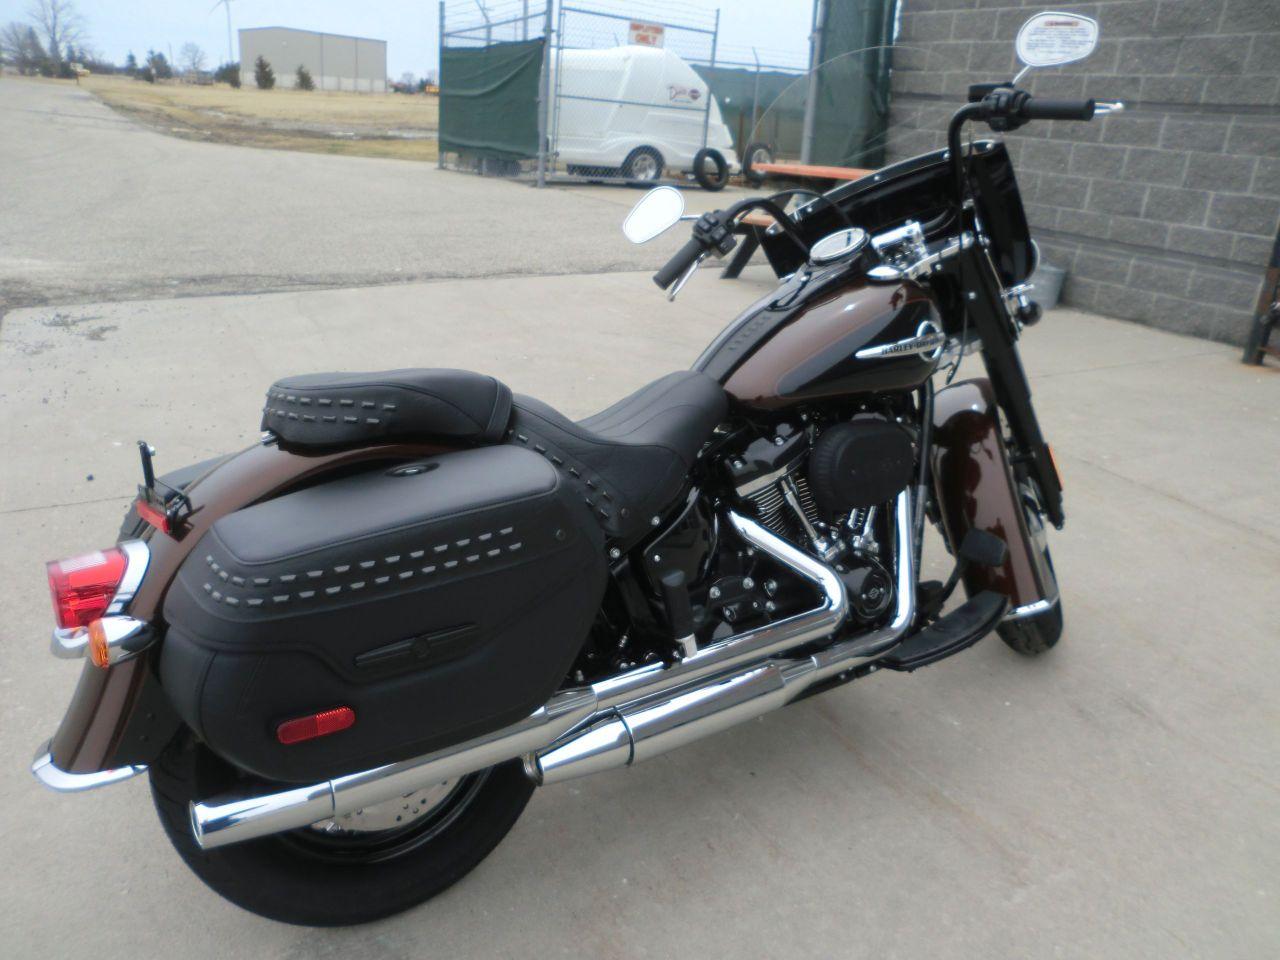 2019 Harley-Davidson Heritage Softail Classic   Duke's Harley Davidson